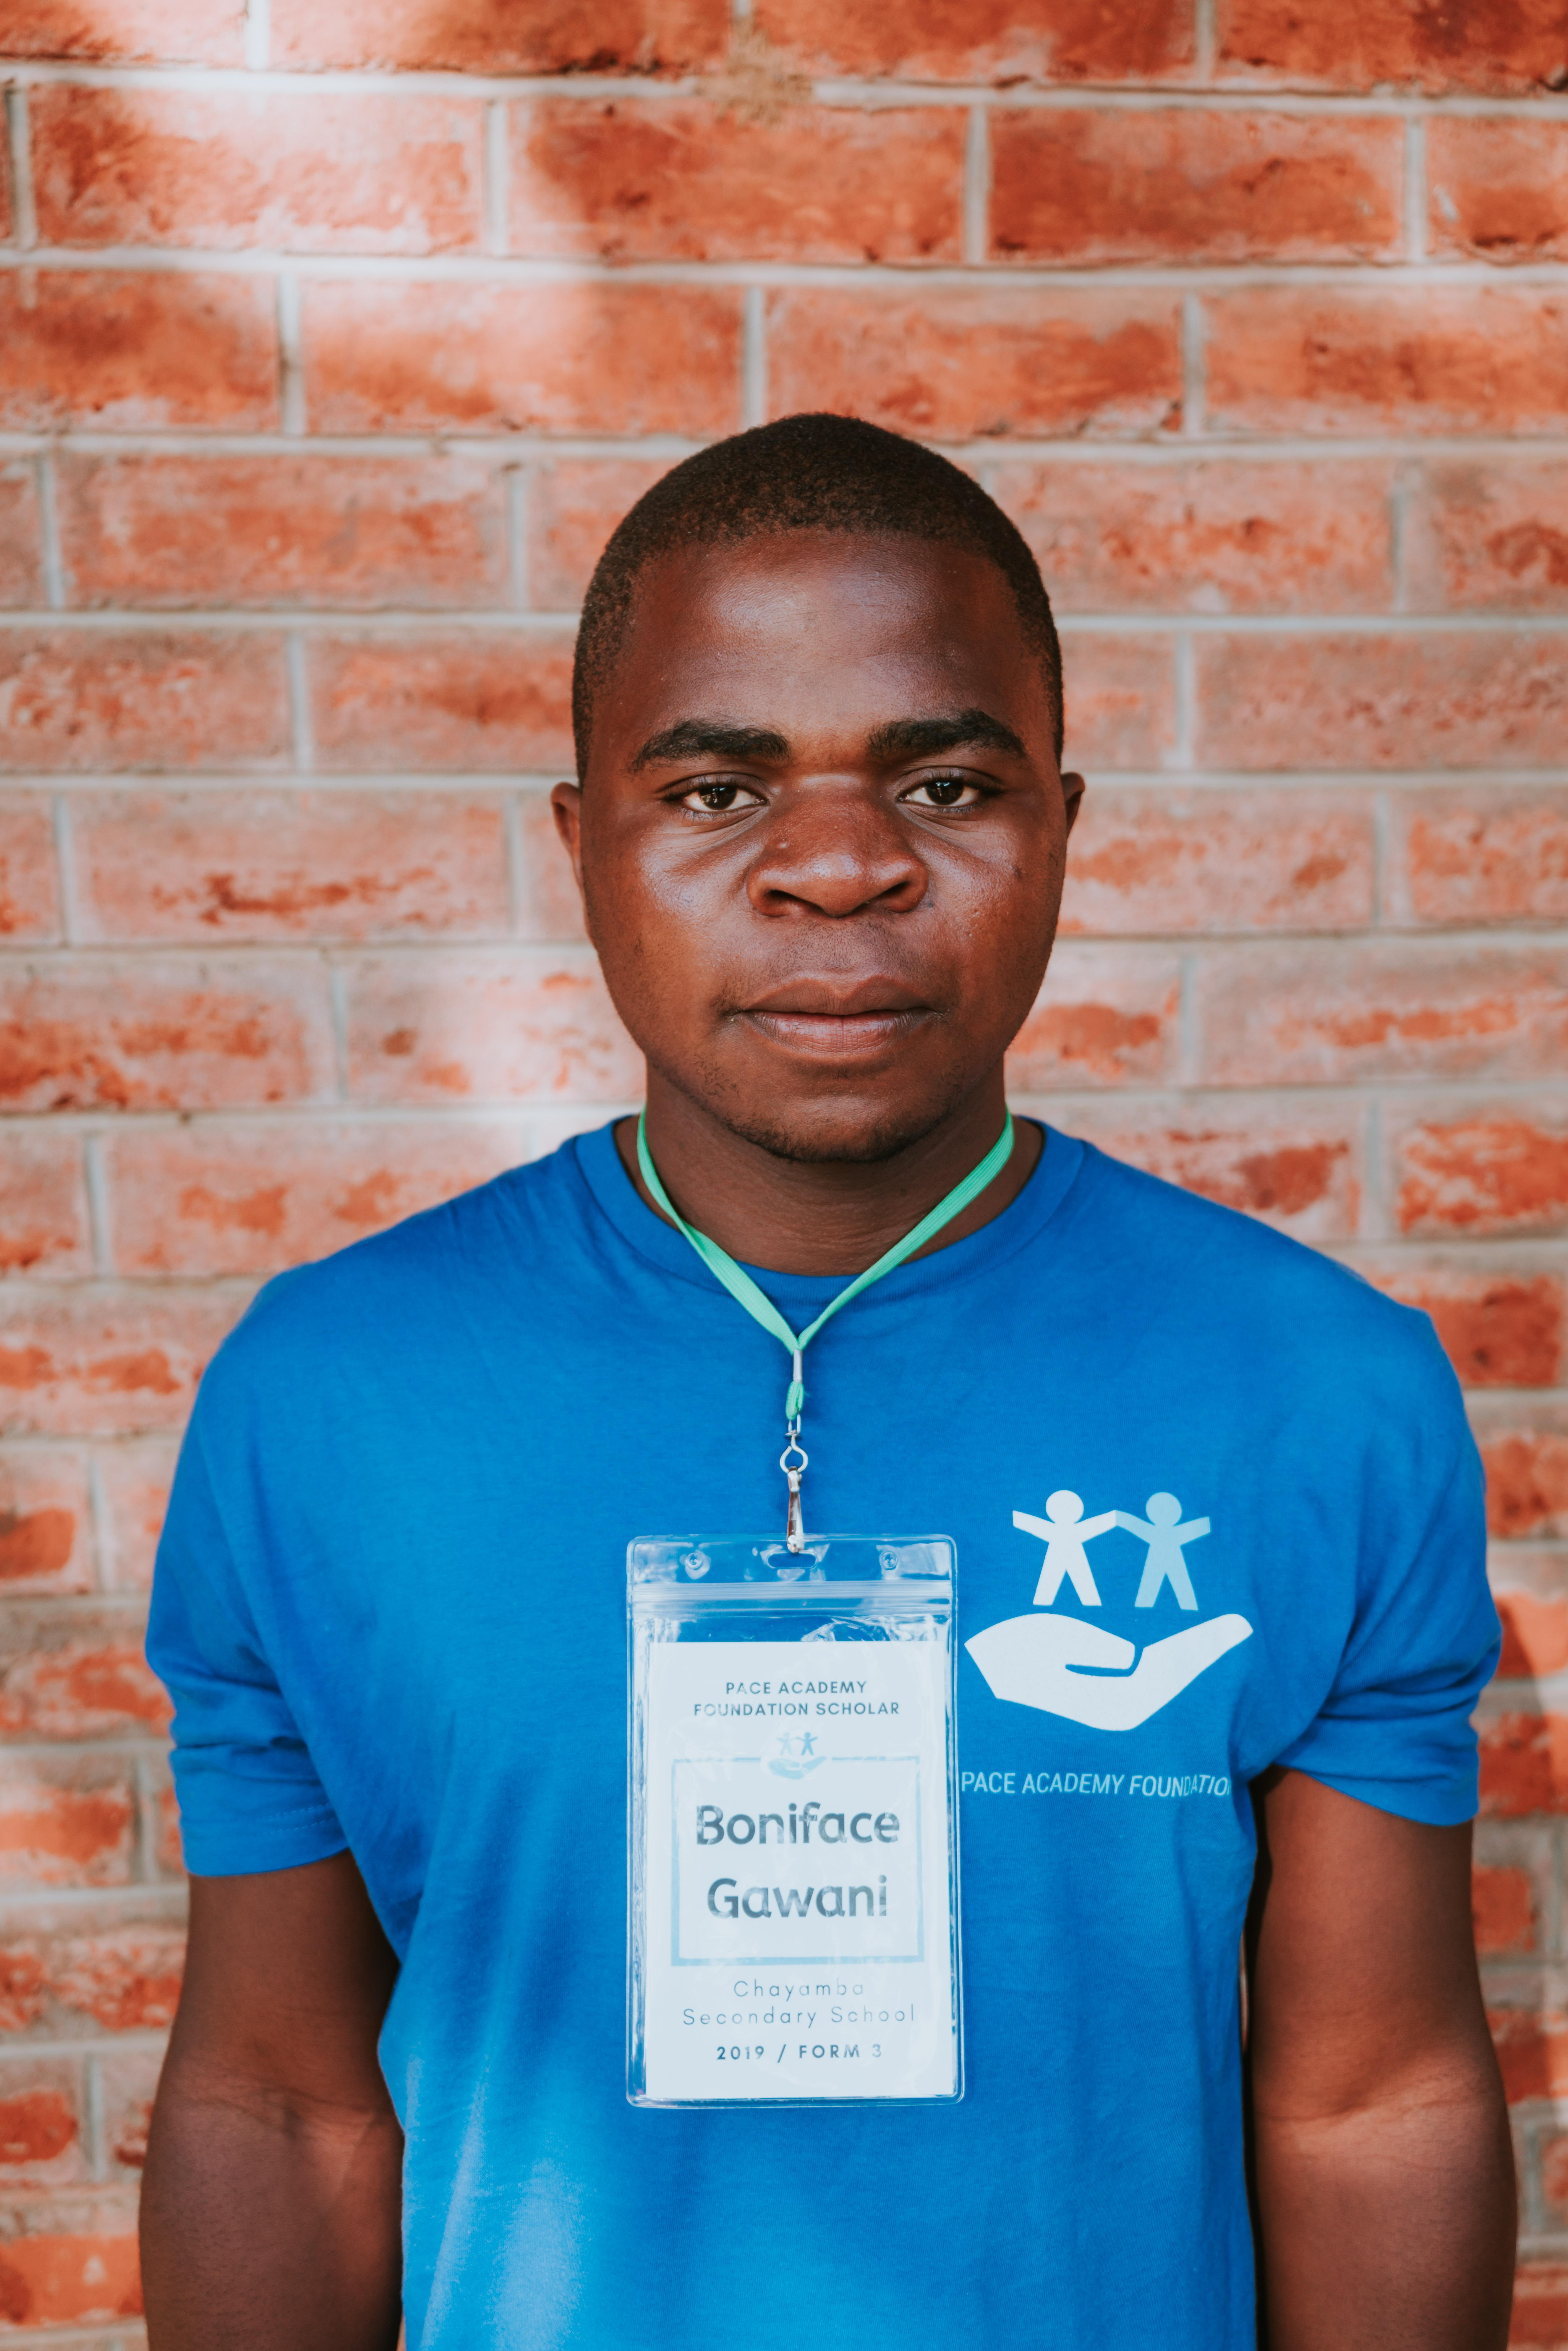 Boniface Gawani (Chayamba Secondary Scho